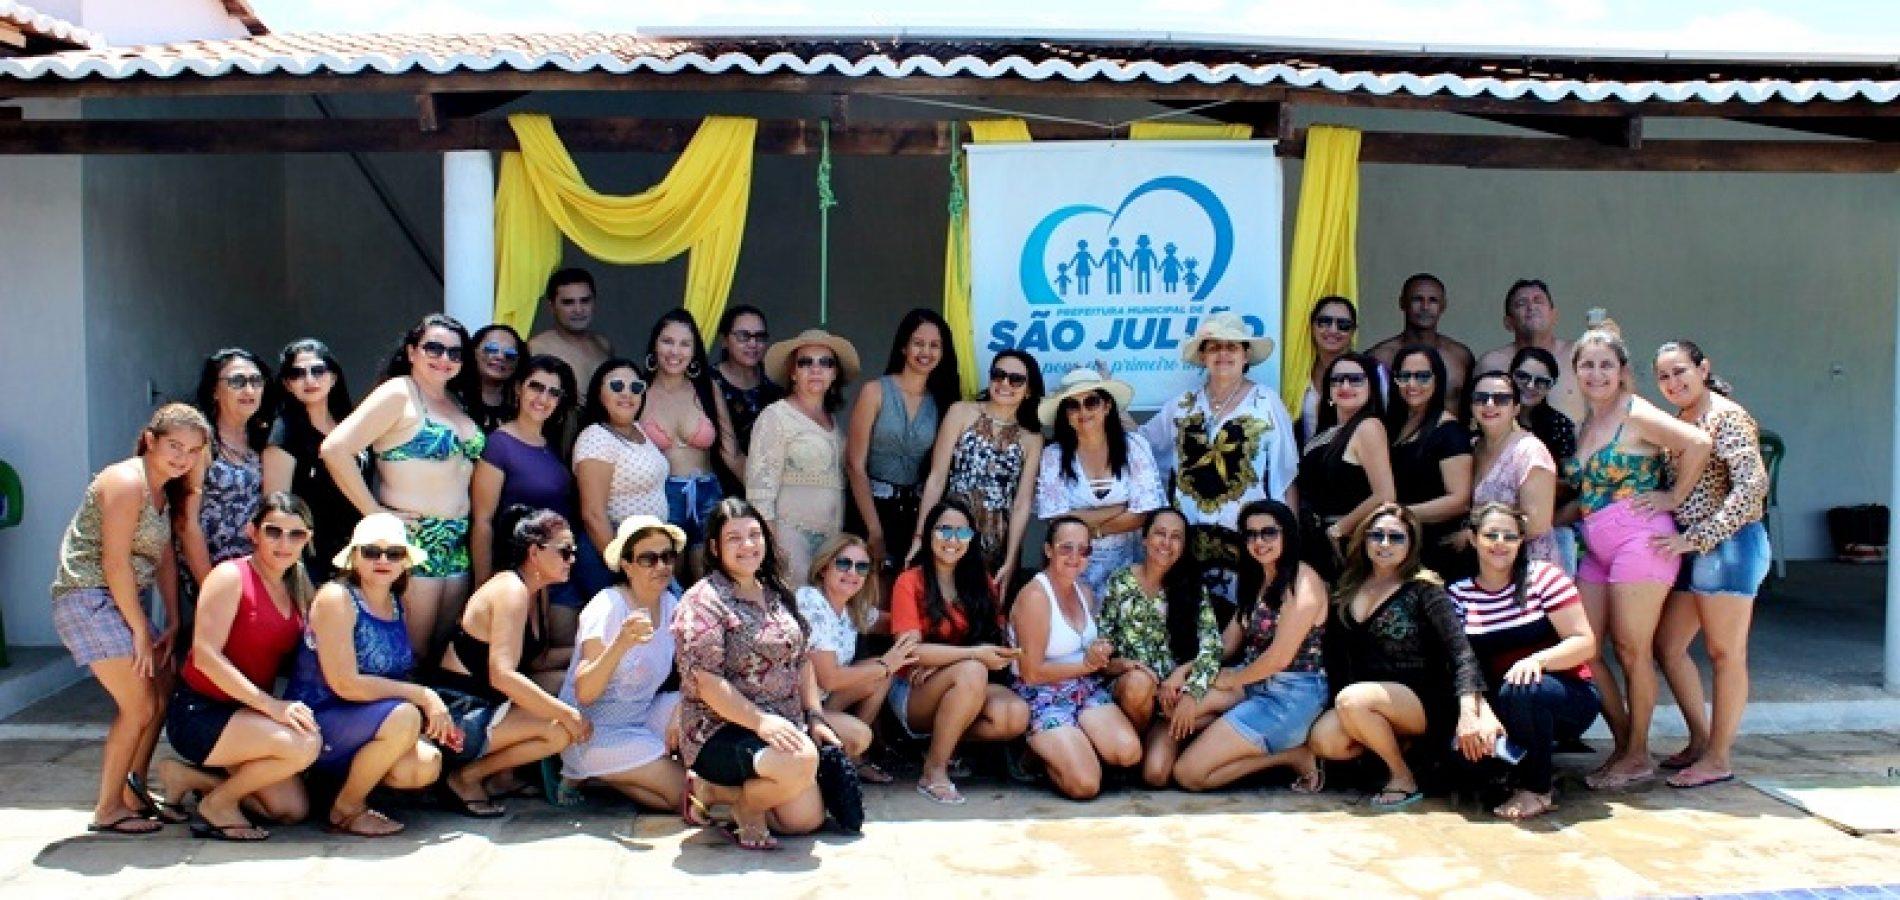 SÃO JULIÃO | Gestão de Dr. Jonas promove dia de lazer em comemoração ao Dia do Professor; fotos